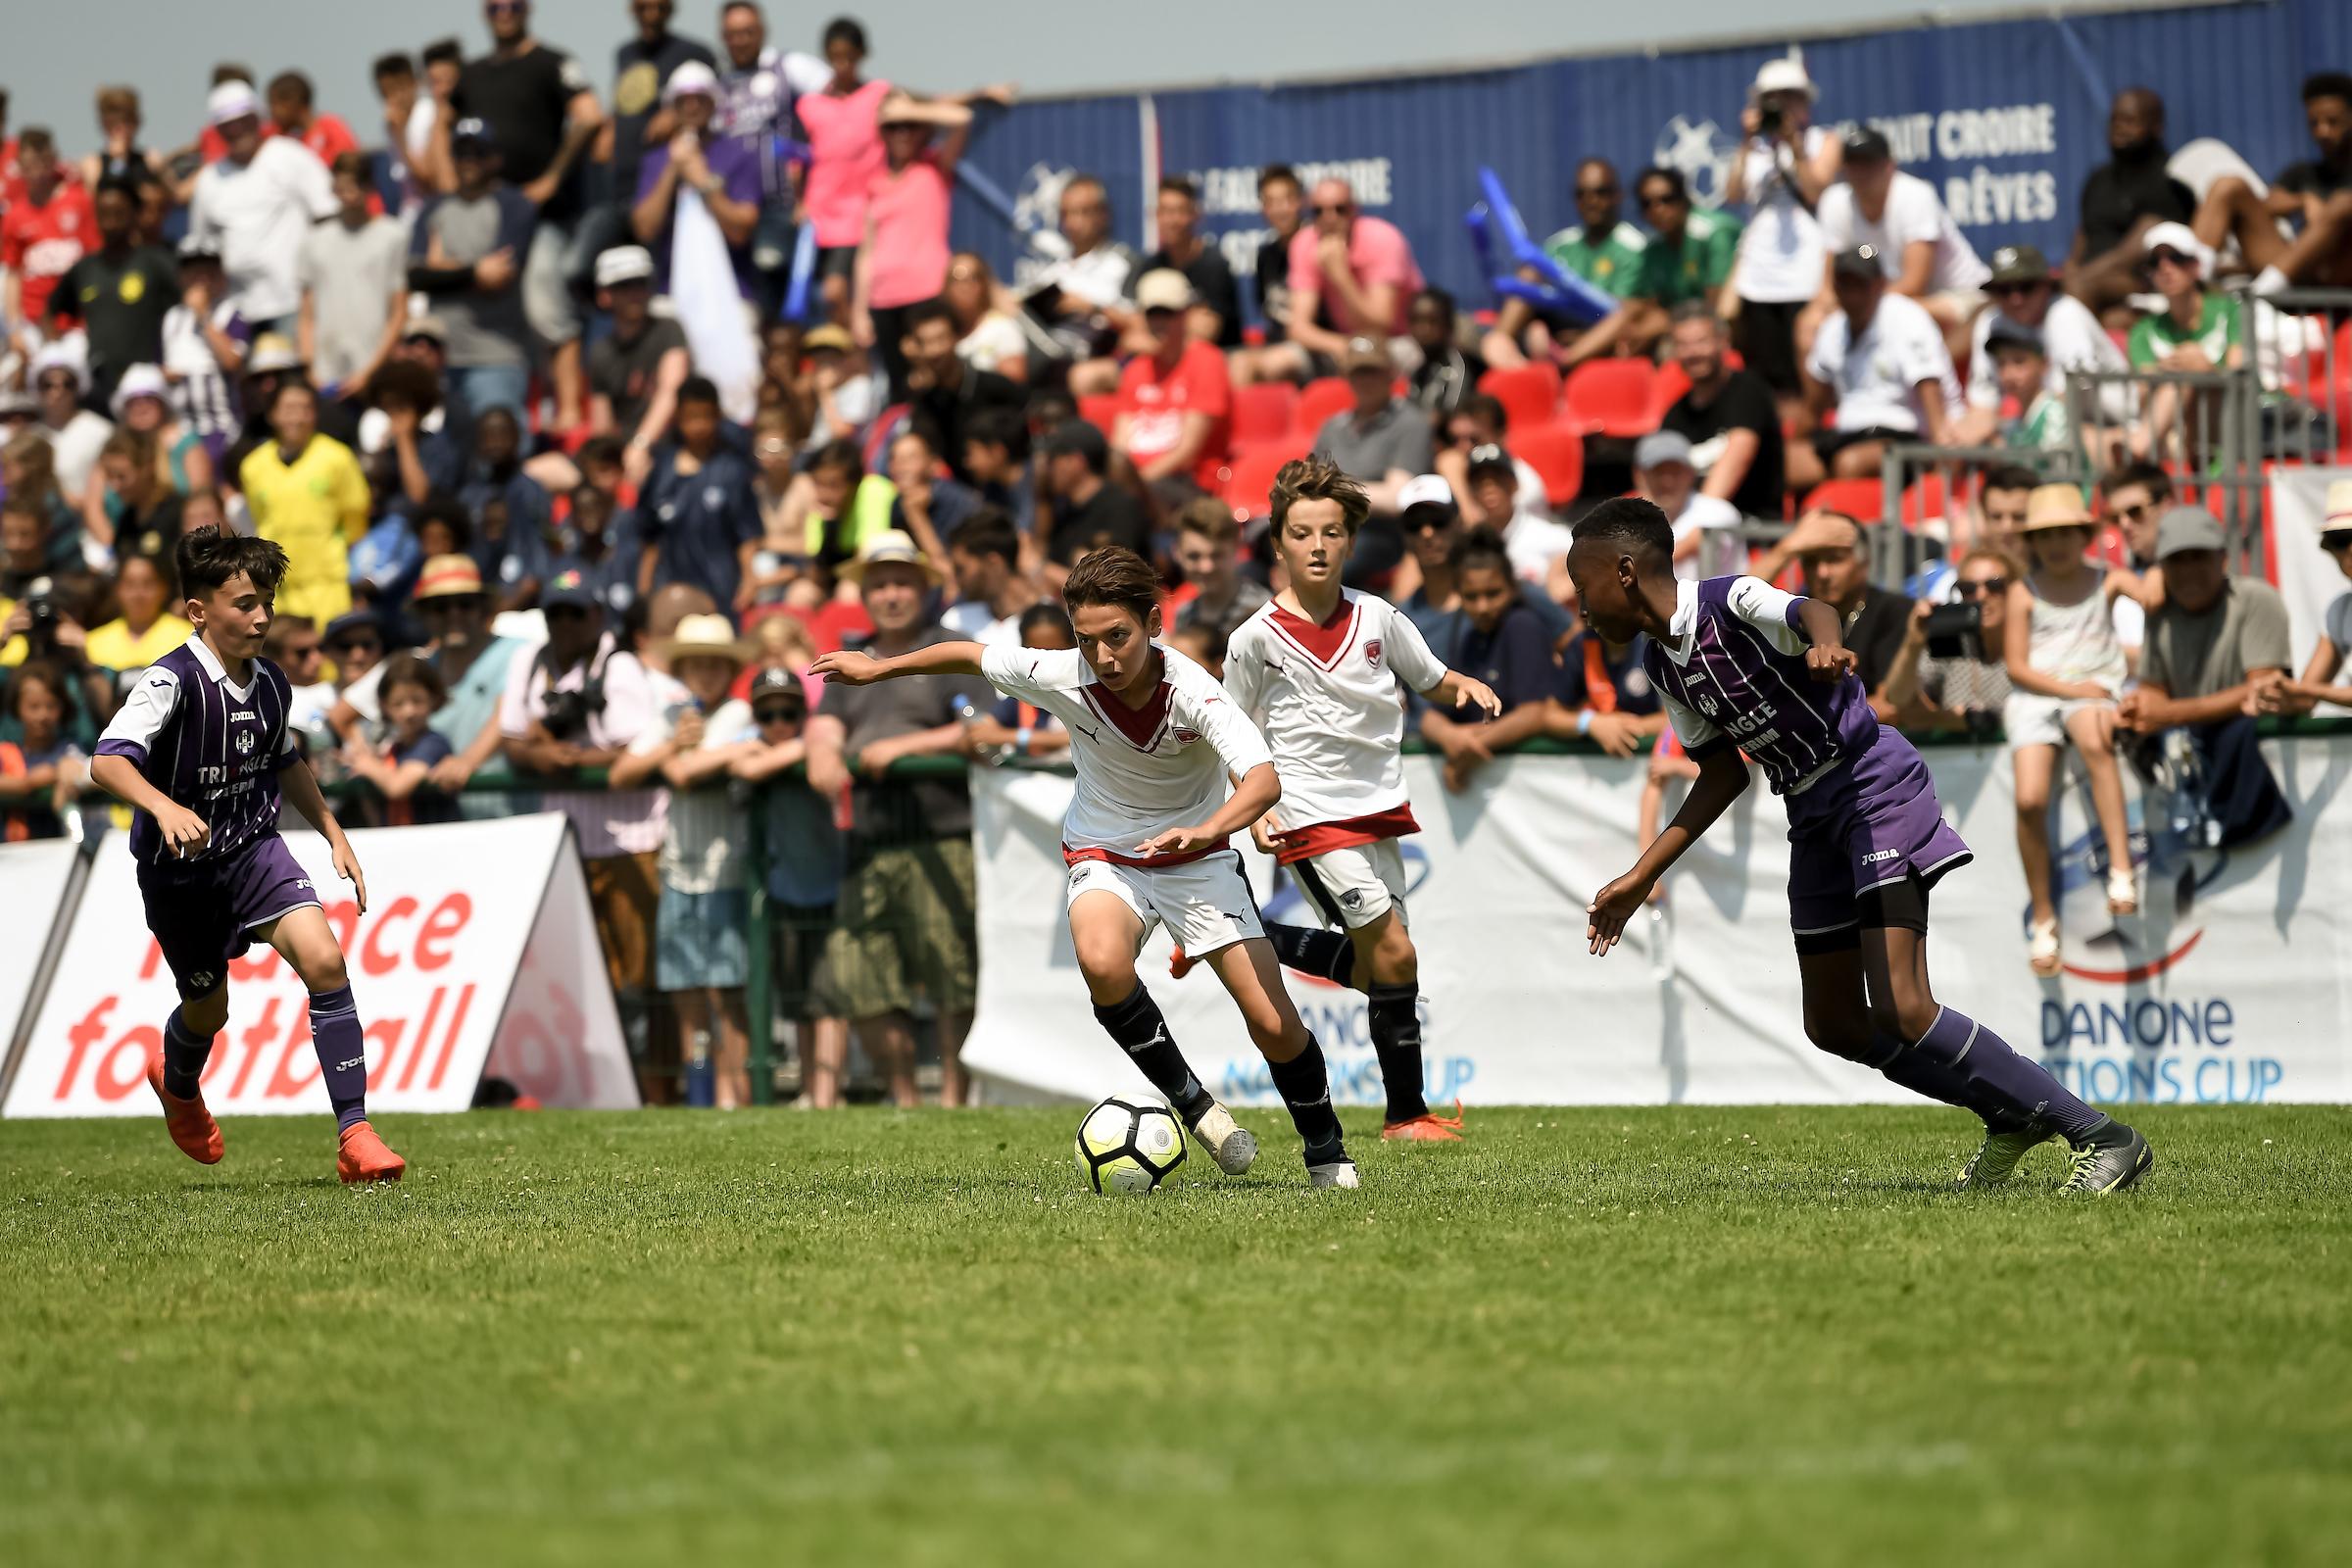 Finale Nationale de la Danone Nations Cup 2018 à Montpellier le 20 mai